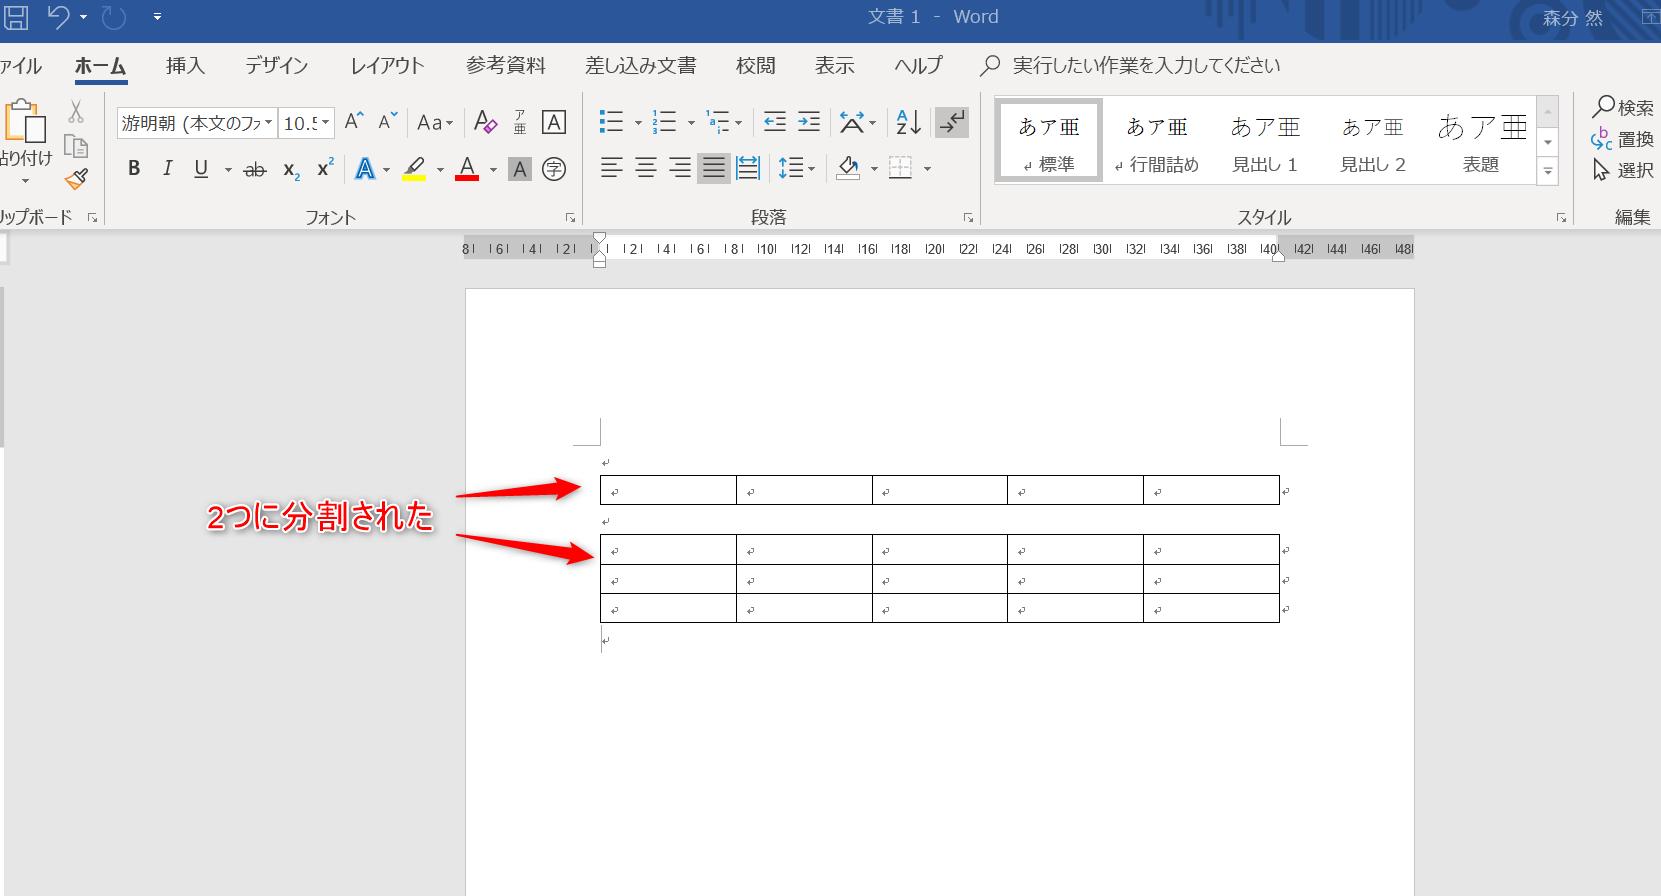 表の分割ボタンを押した結果を示しているワードの画像